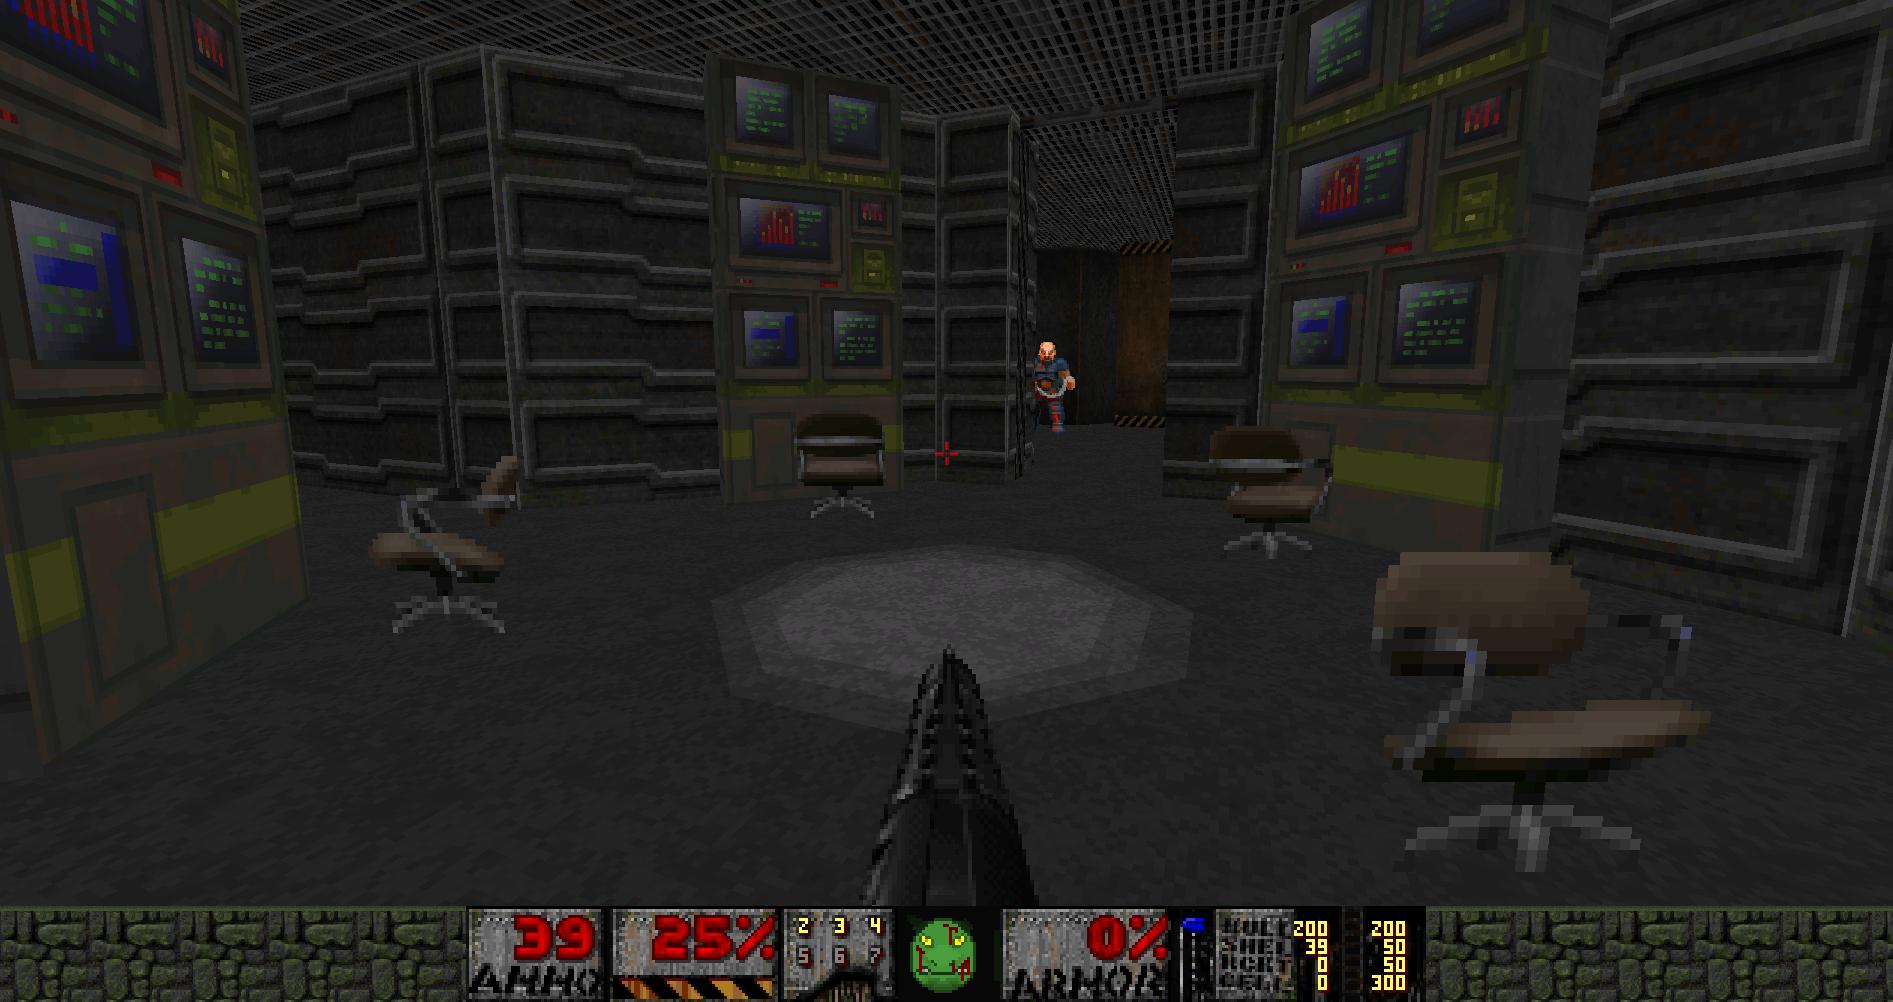 Screenshot_Doom_20201230_035921.png